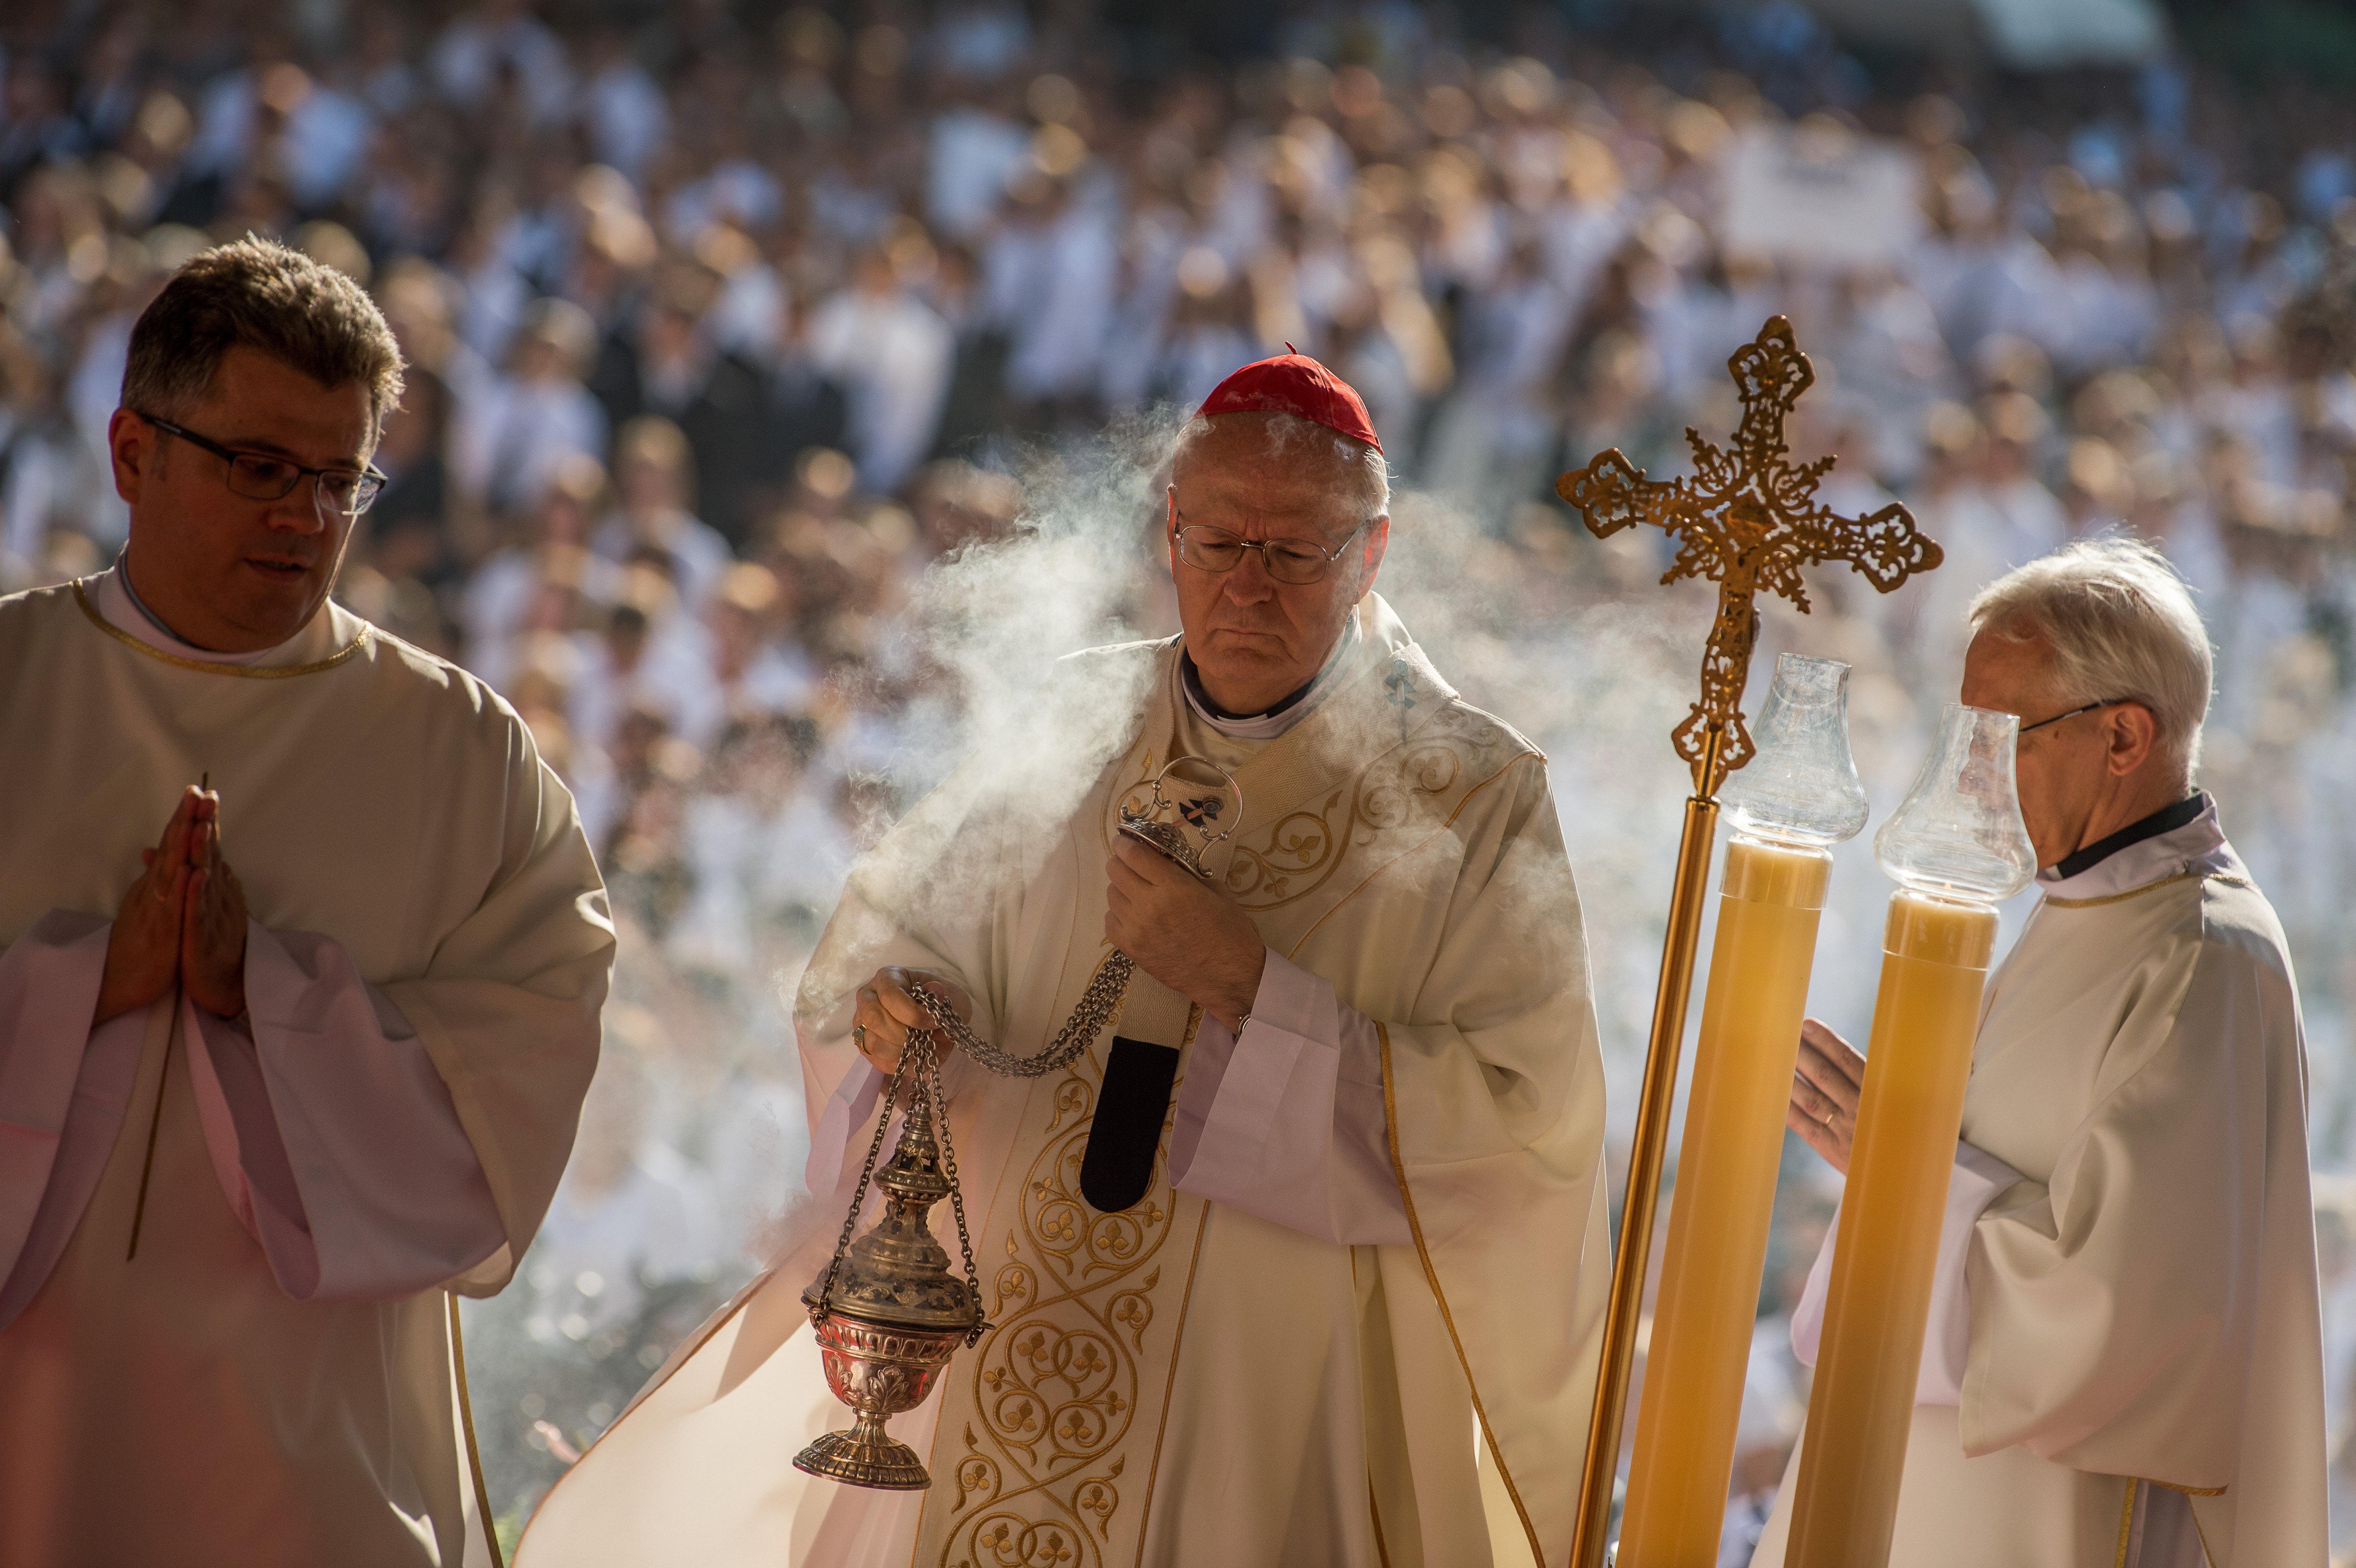 Mostantól a katolikus egyházmegyék honlapjain is lehet jelenteni a szexuális visszaéléseket